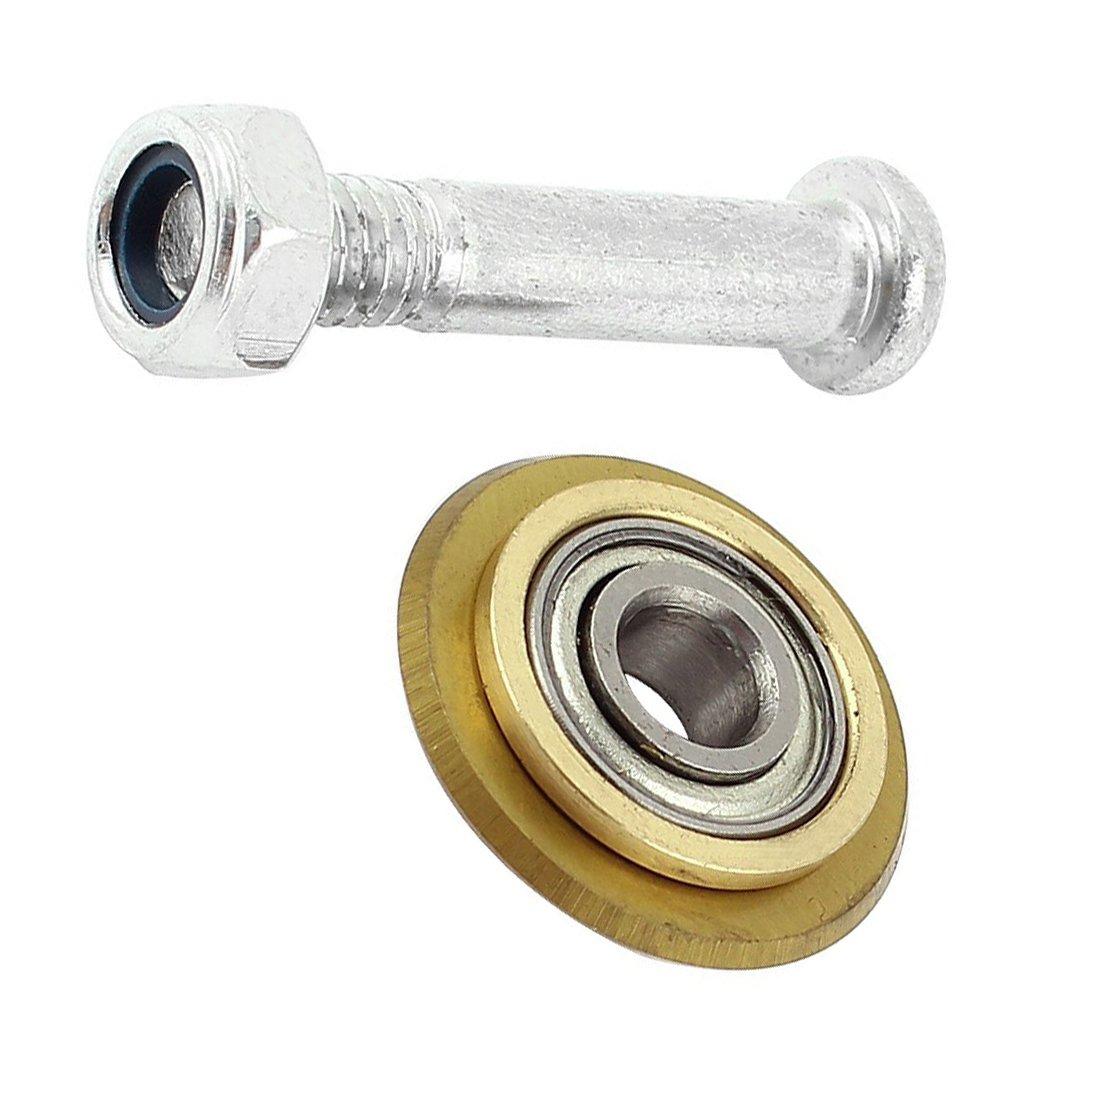 Cikuso 22mm 7//8 diametro Rueda de corte del azulejo de cojinete giratorio recubierto de titanio Color laton